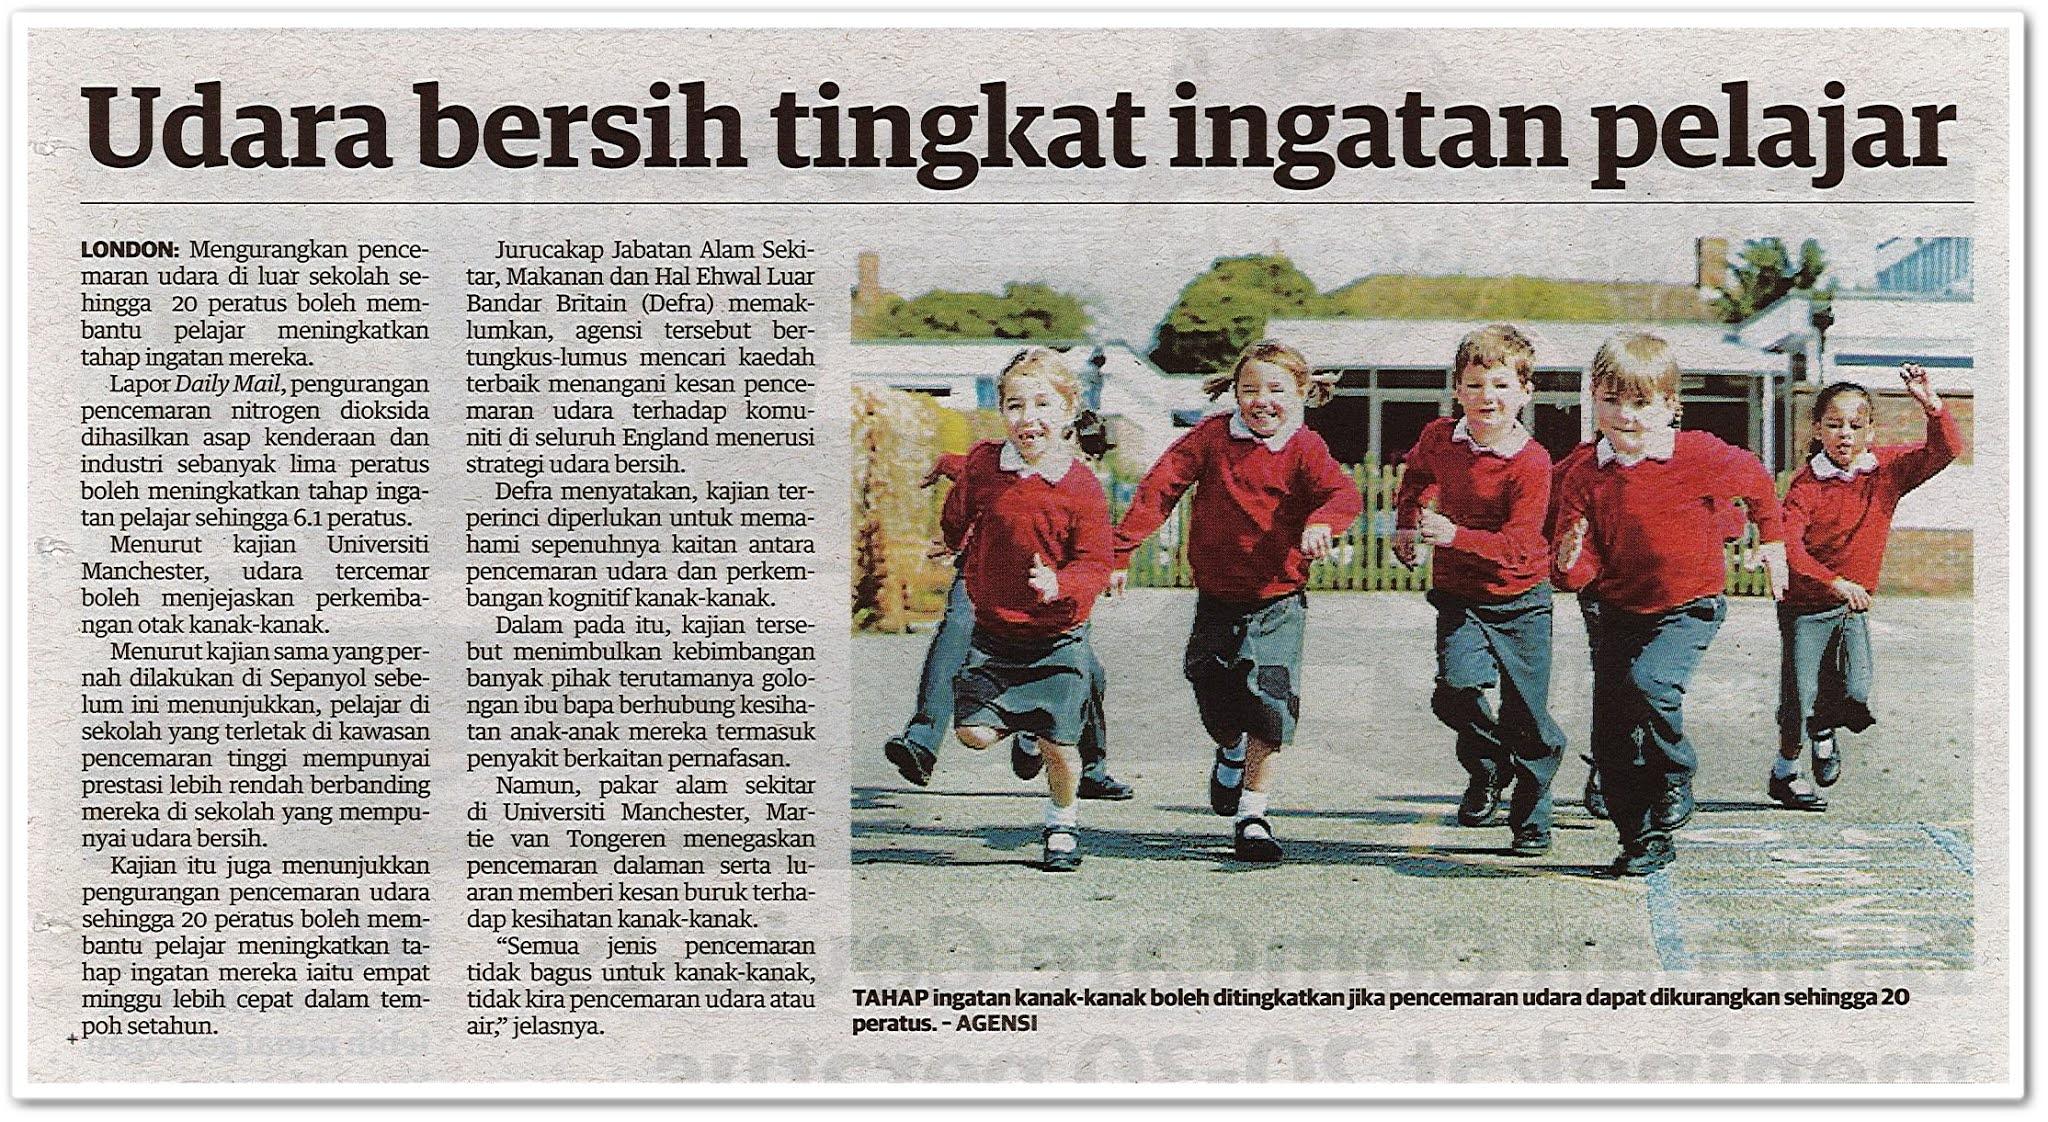 Udara bersih tingkat ingatan pelajar - Keratan akhbar Utusan Malaysia 10 Oktober 2020